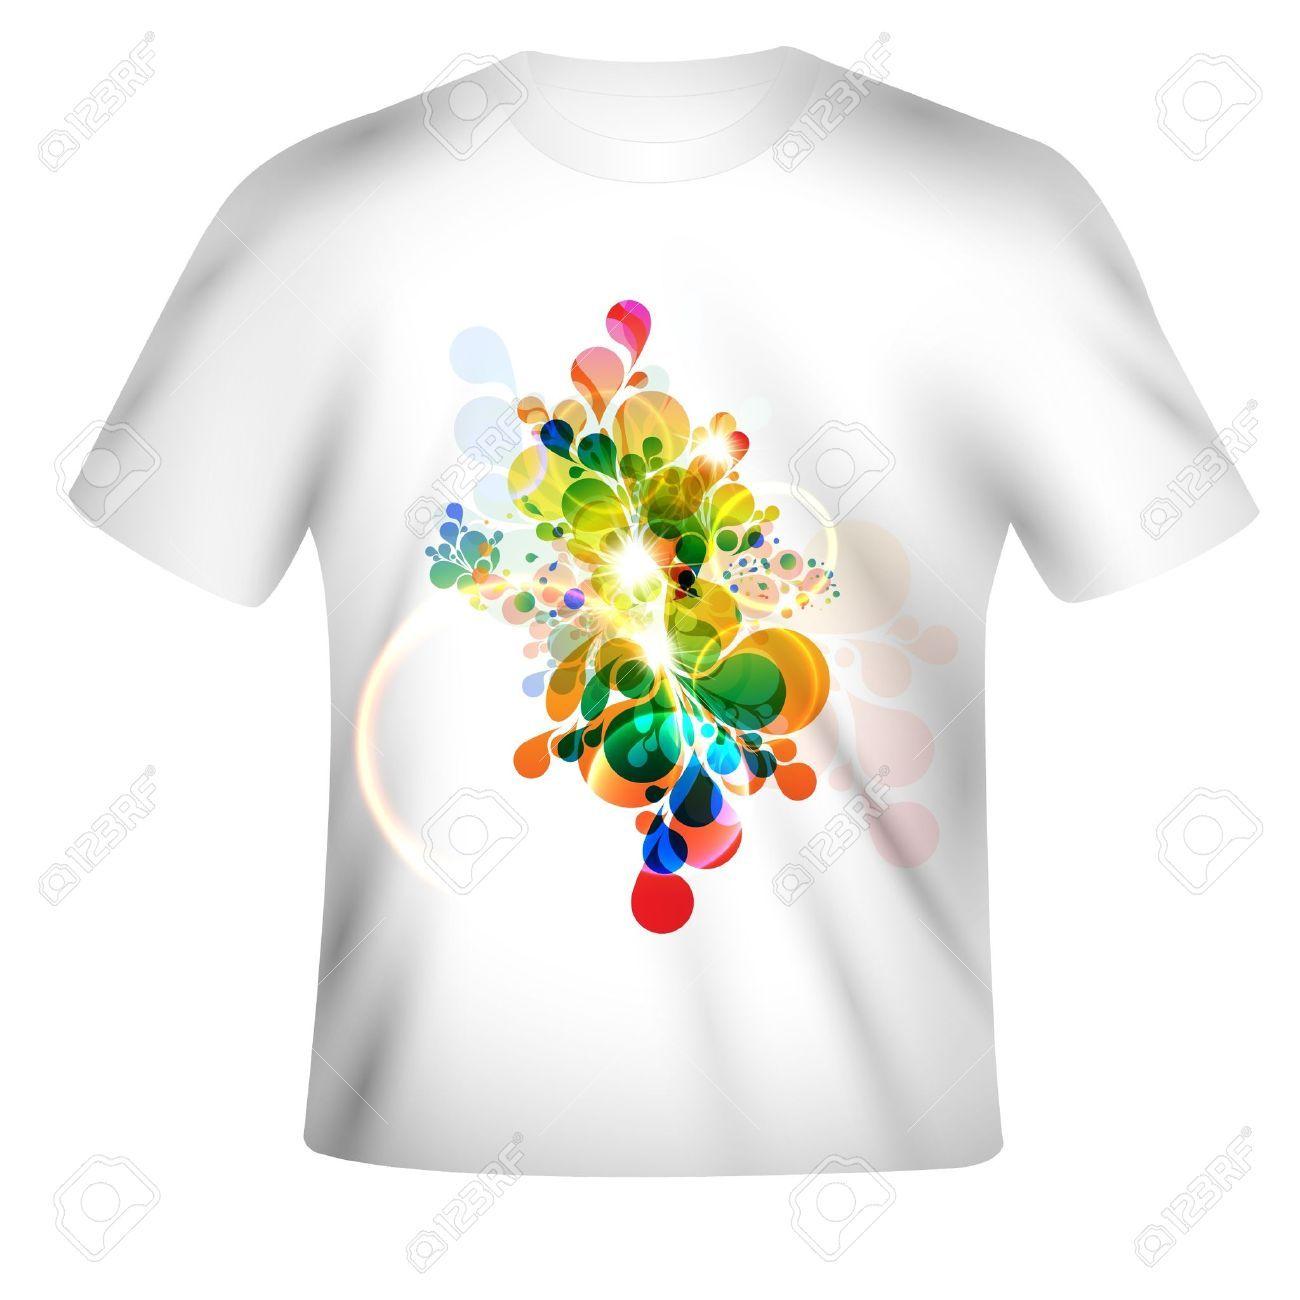 Design t shirt art - T Shirt Model T Shirt Design With Abstract Art